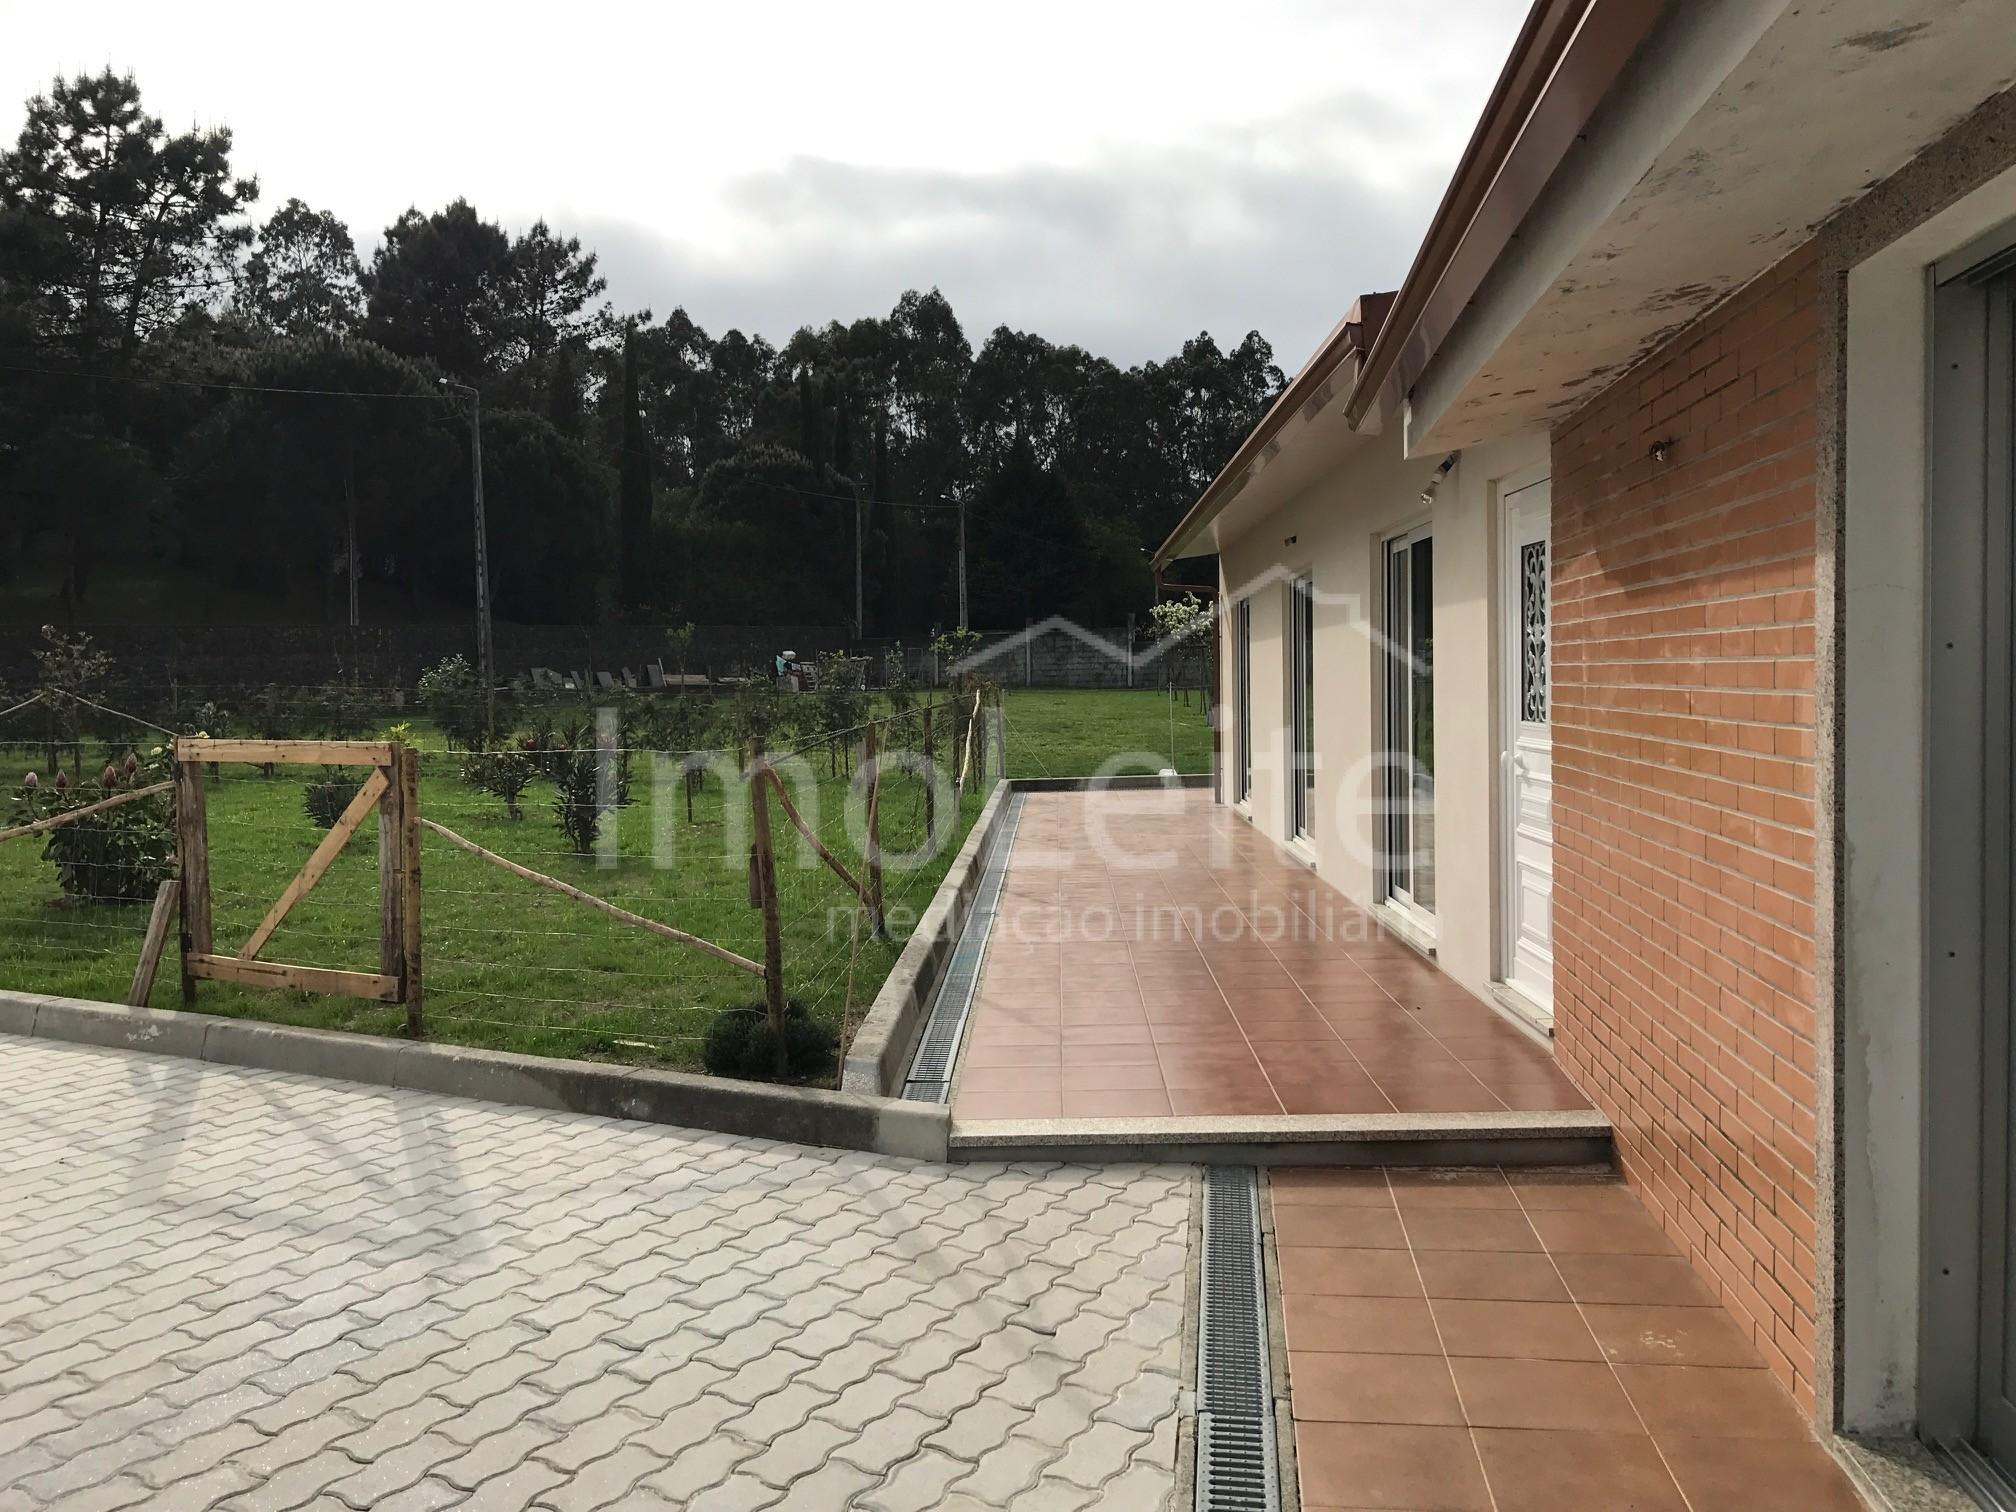 Quinta Térrea T2 Vila do Conde Rio Mau com 1500 m2